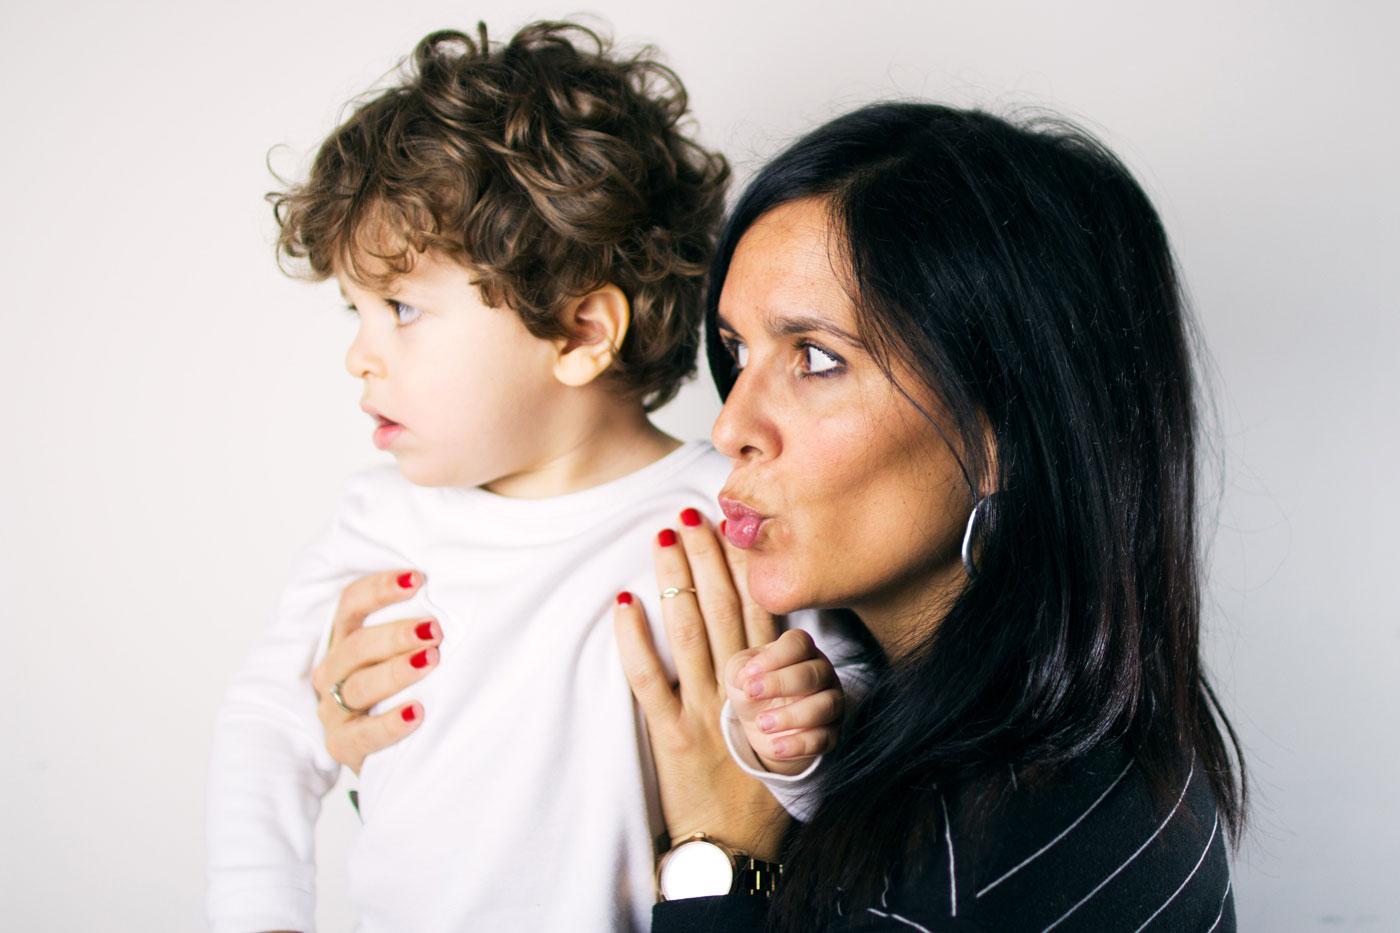 madre y hijo posando para una foto con fondo blanco